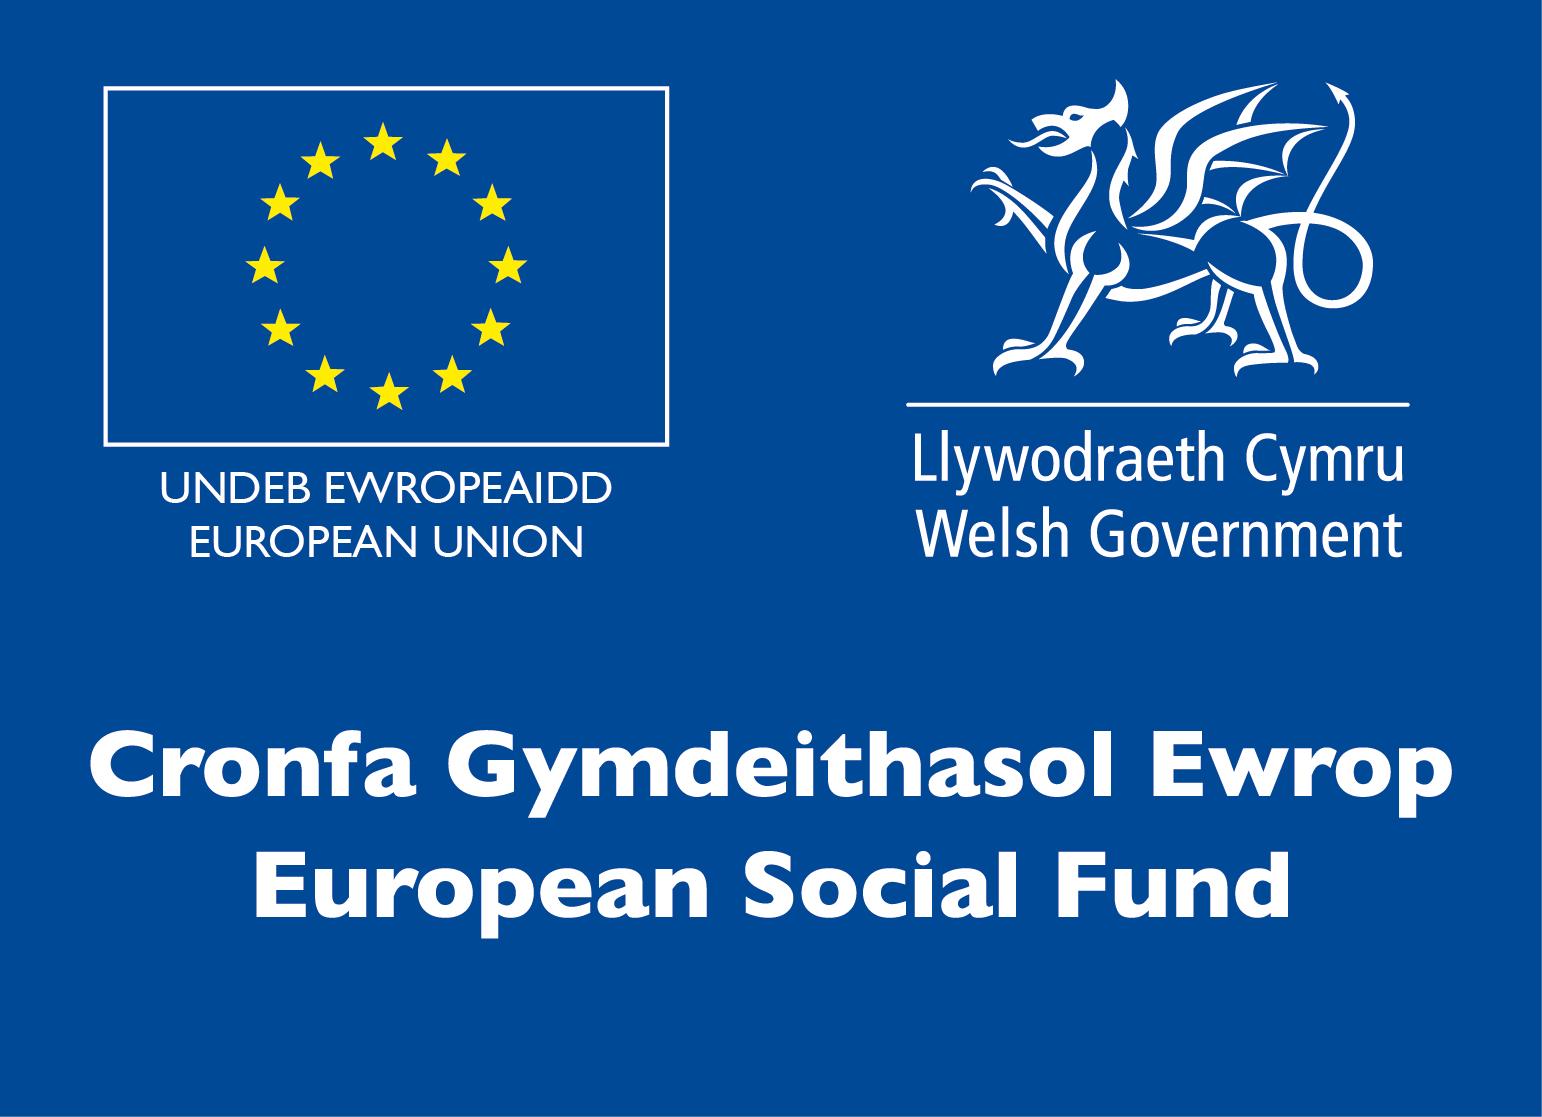 European Social Fund (2015)